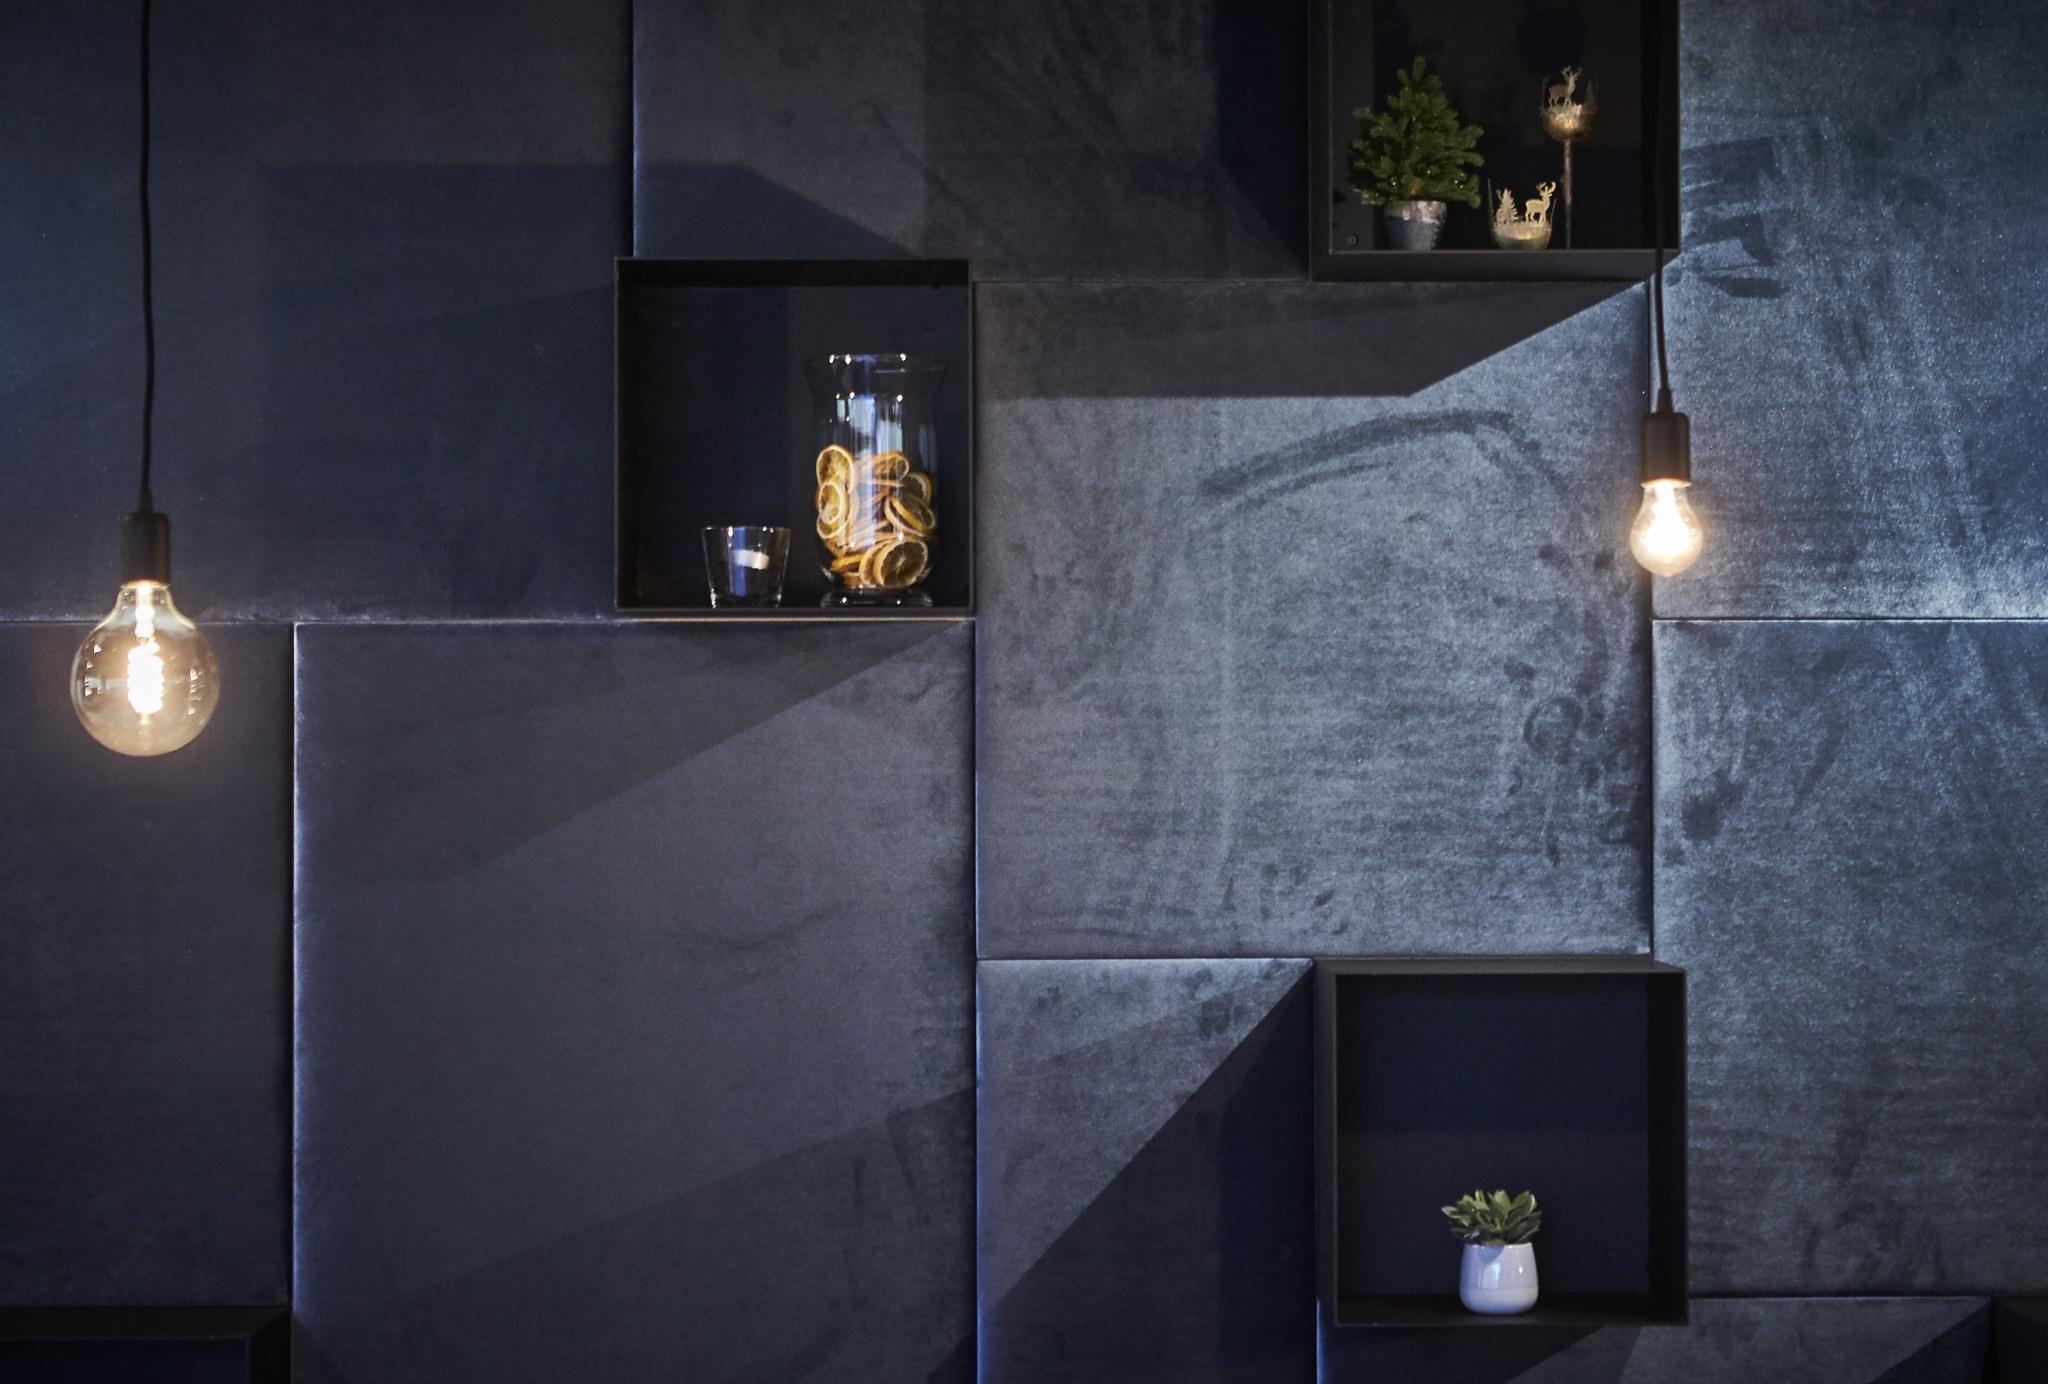 Dekorationselemente in der Rooftop-Relax-Area mit Hängelampen und Wandelementen